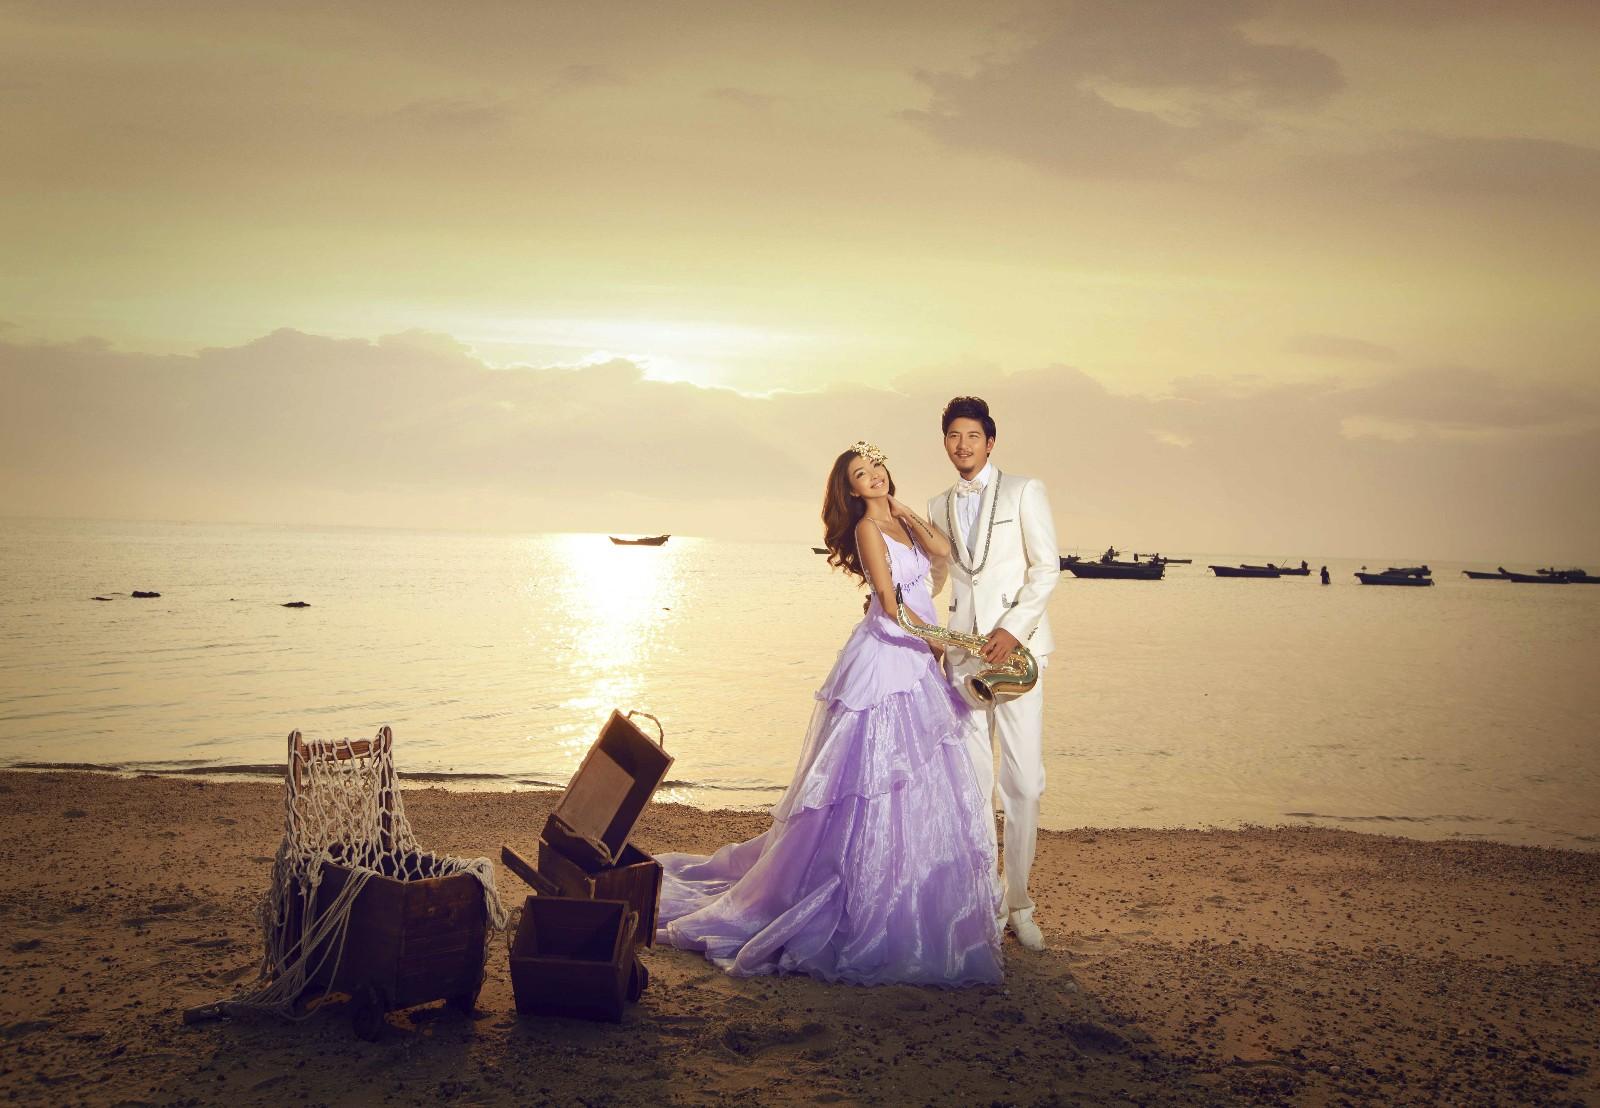 选择昆明婚纱照最好的外景,完成美好的昆明之旅